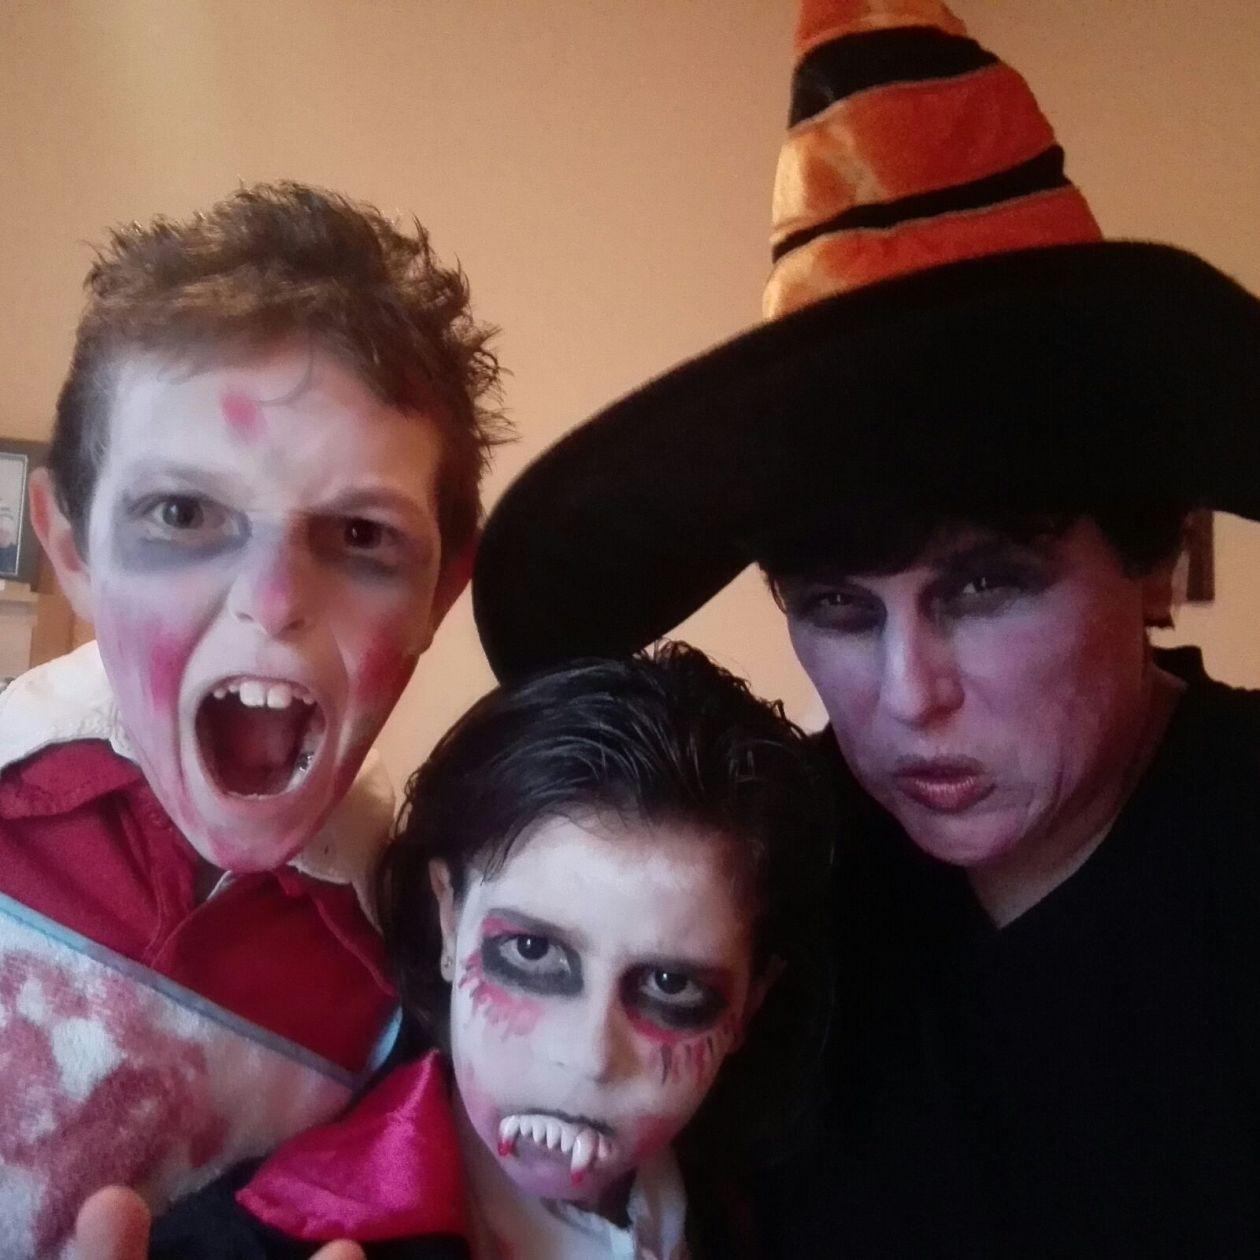 disfraz de Halloween, el maquillaje